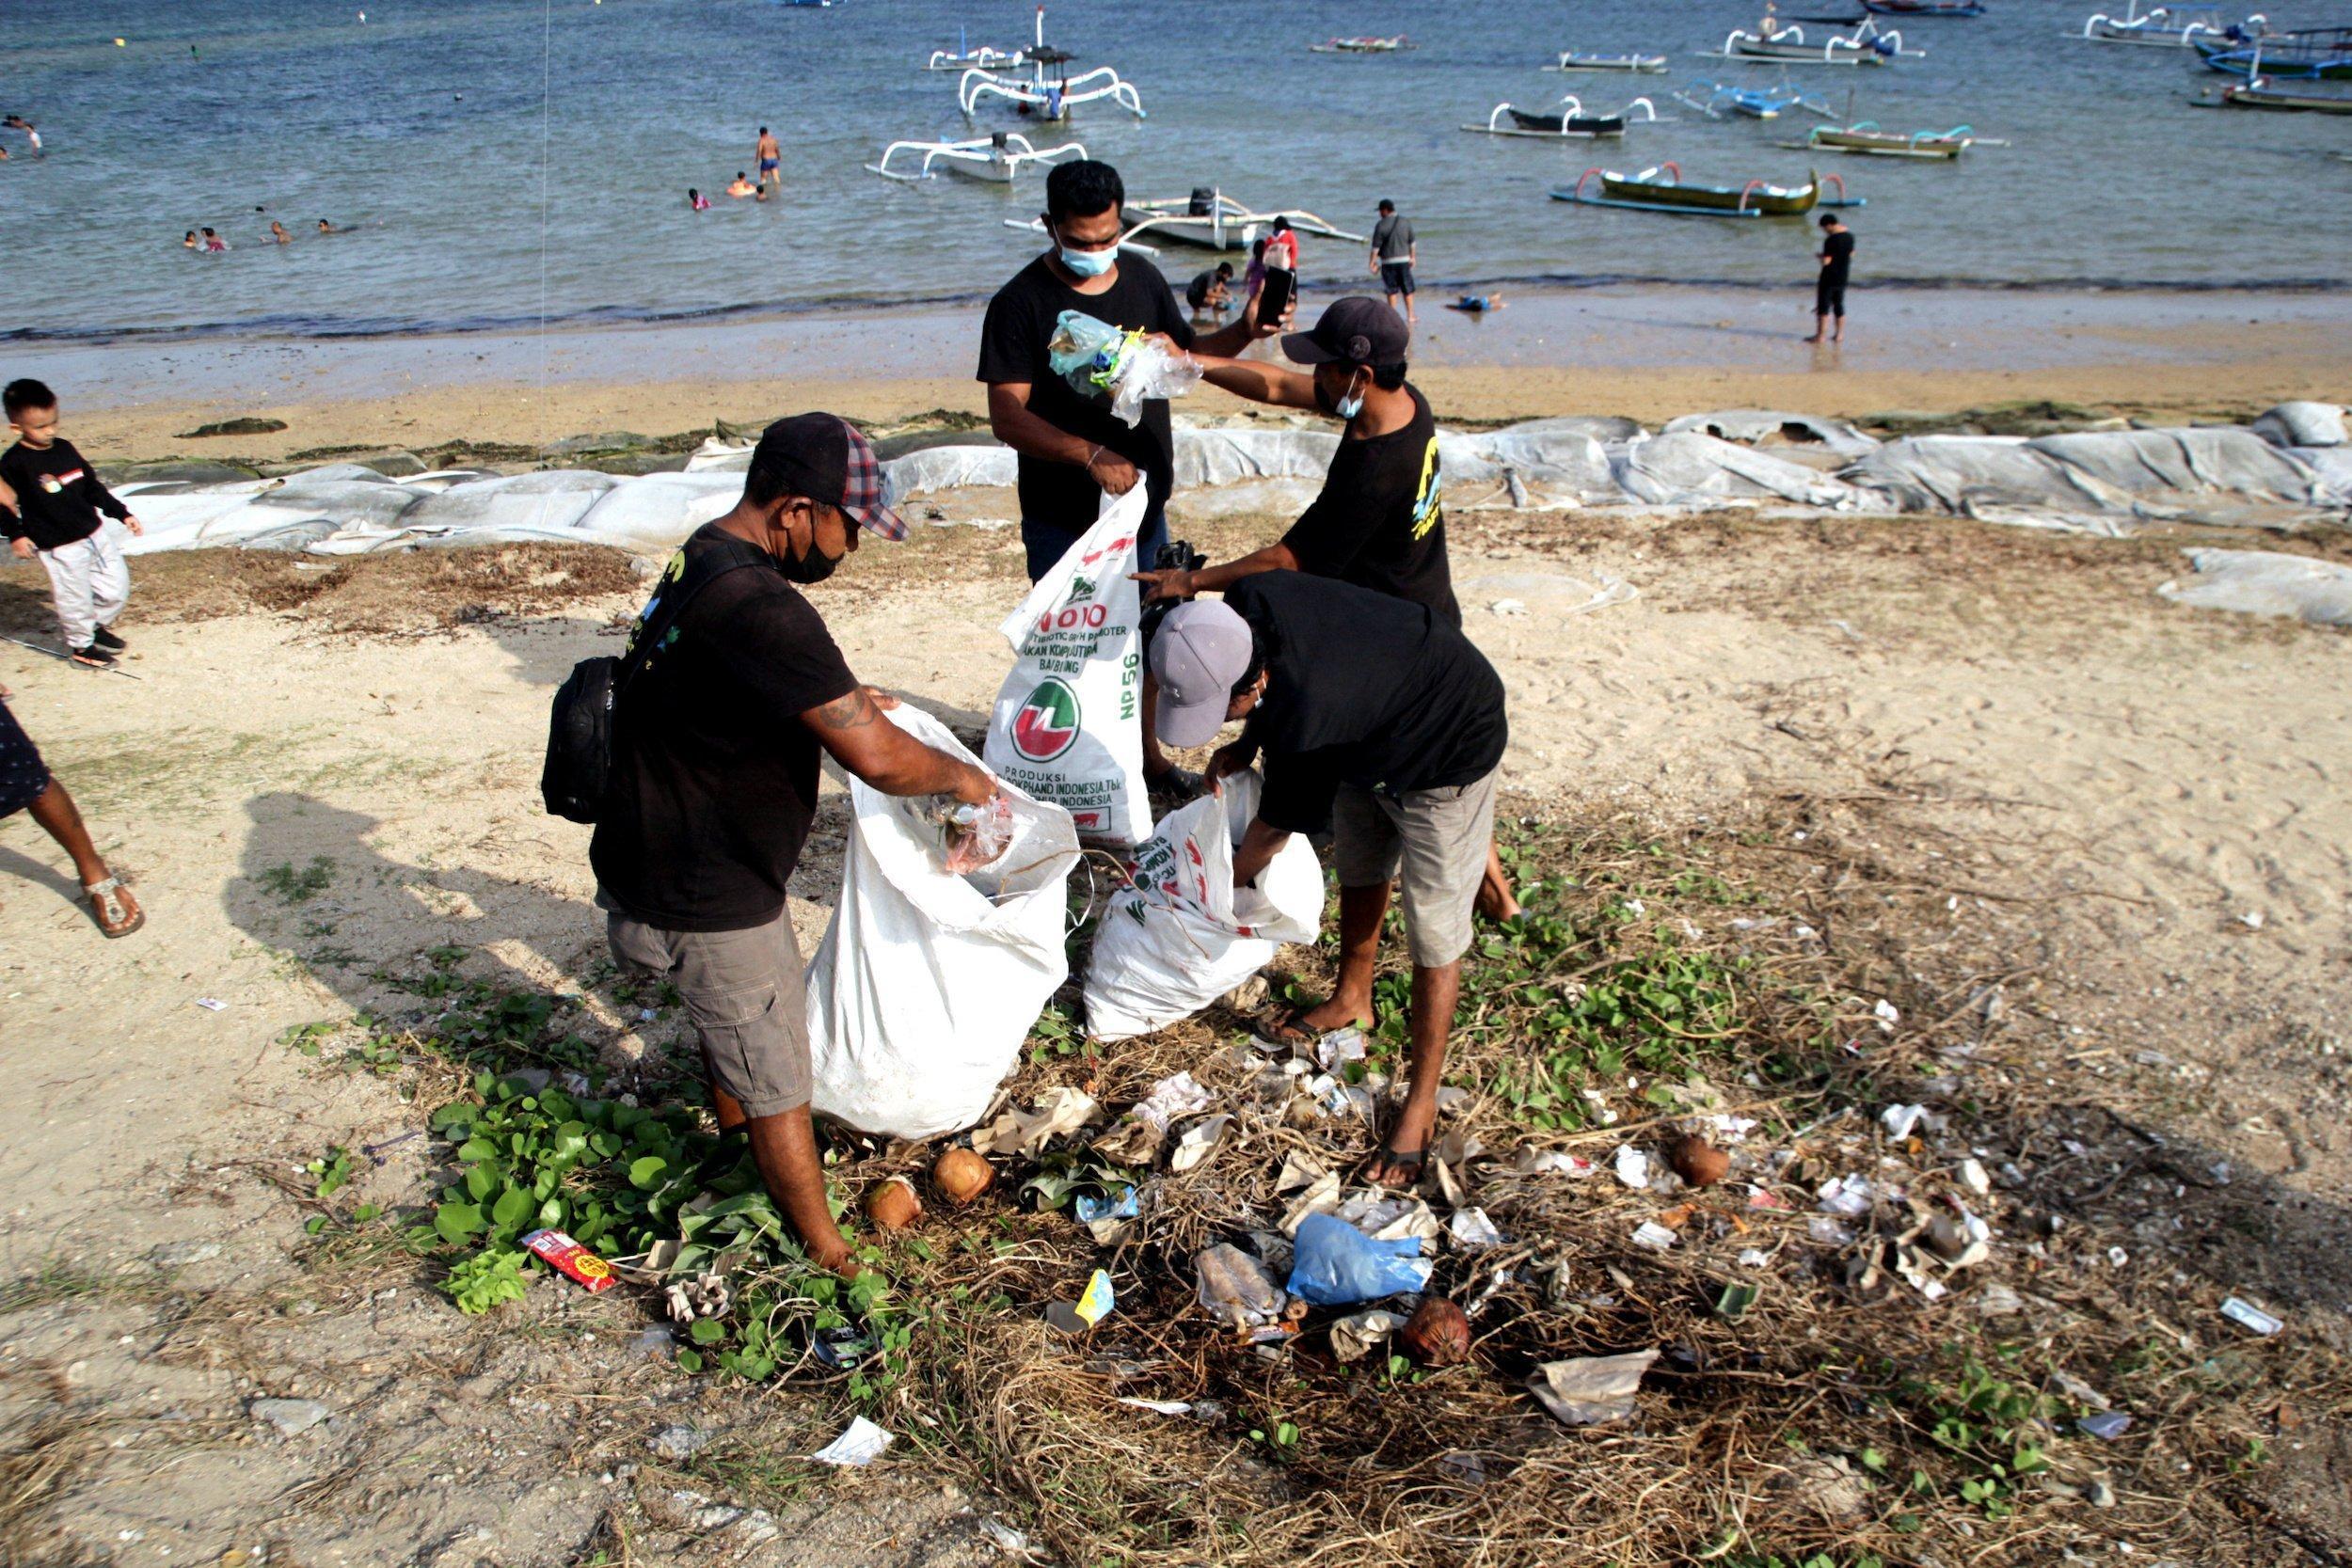 Drei Personen stehen vor dem Meer an einem Strand mit großen weißen Plastiktüten und füllen sie mit Müll, der auf dem Boden liegt.